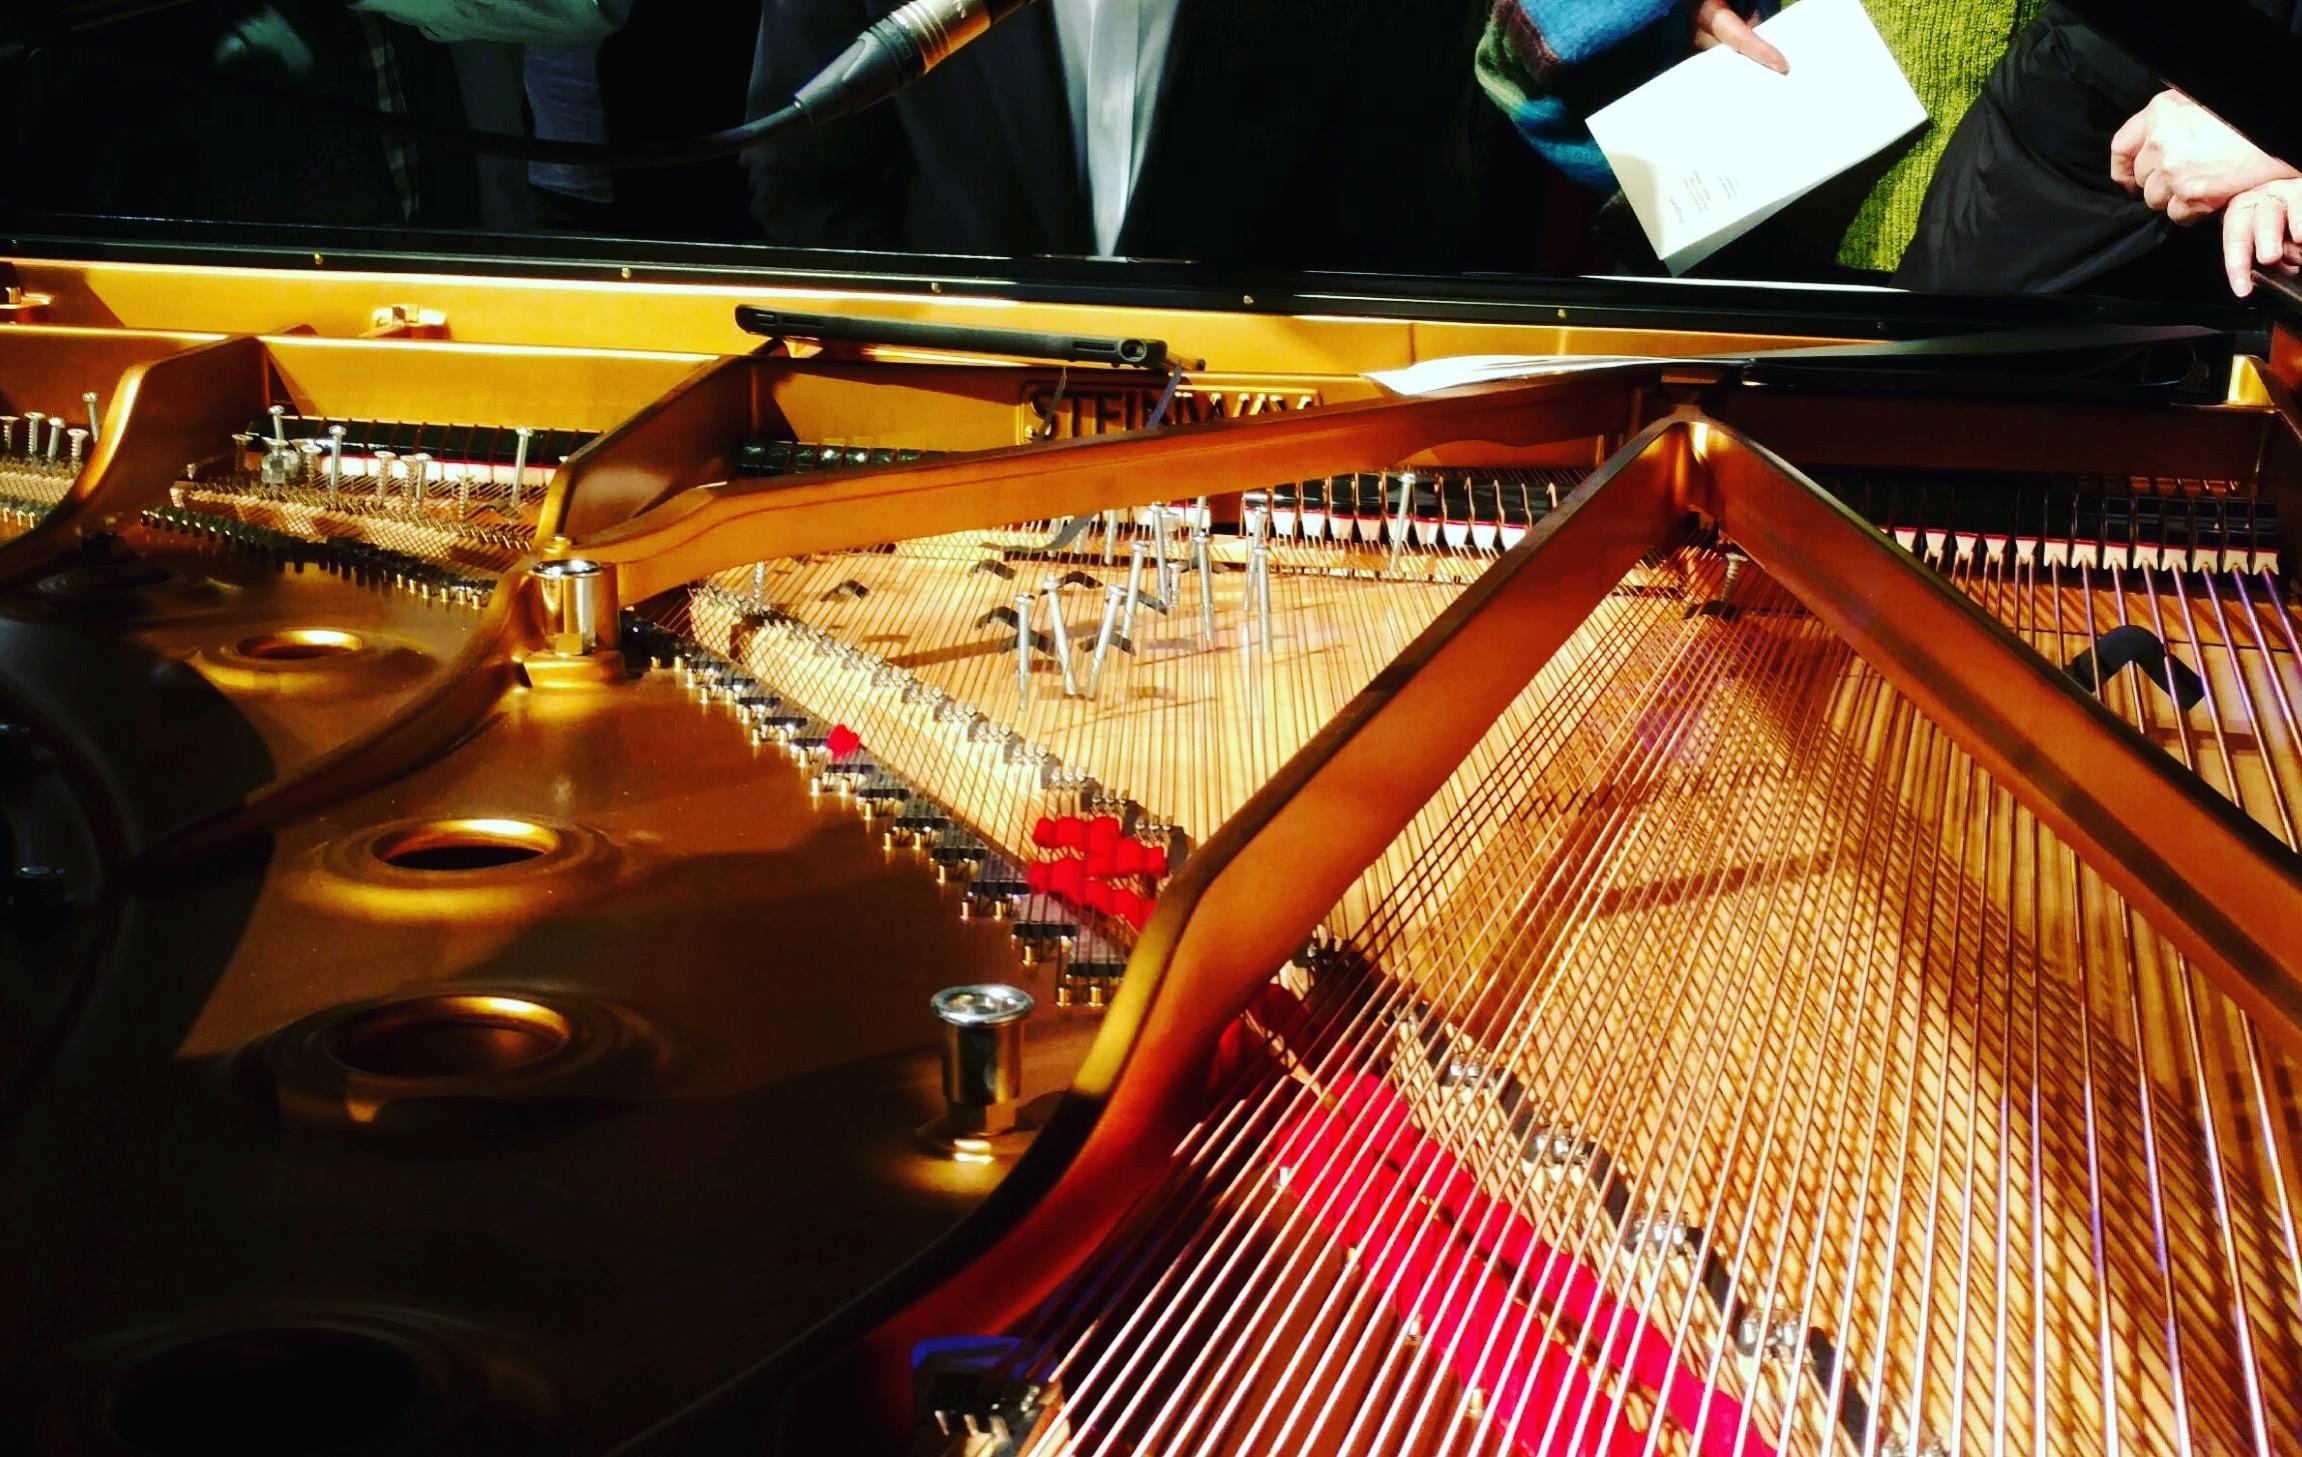 The prepared piano for John Cage's  Interludes